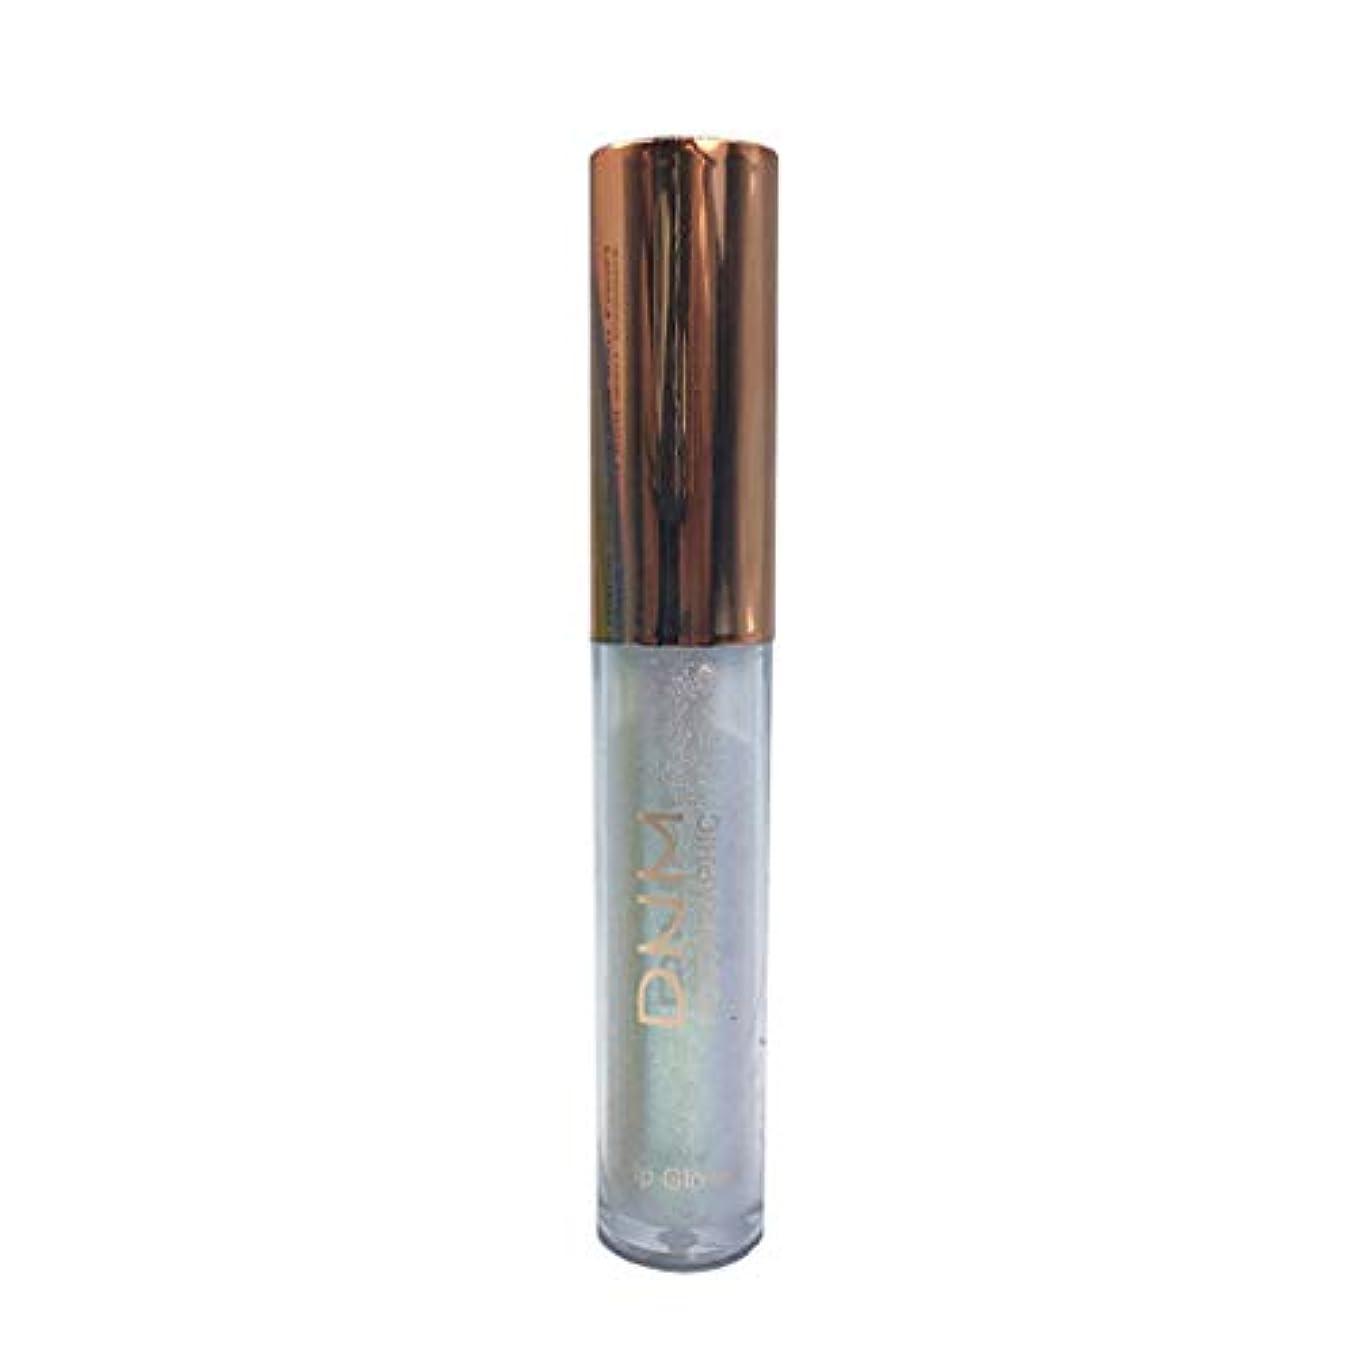 先シャーク六分儀リップクリーム 液体 キラキラ ピンク 紫系 軽い 口紅 唇 リップバーム 光沢 分極 防水 長続き リップラインの色を鮮やかに描くルージュhuajuan (A)